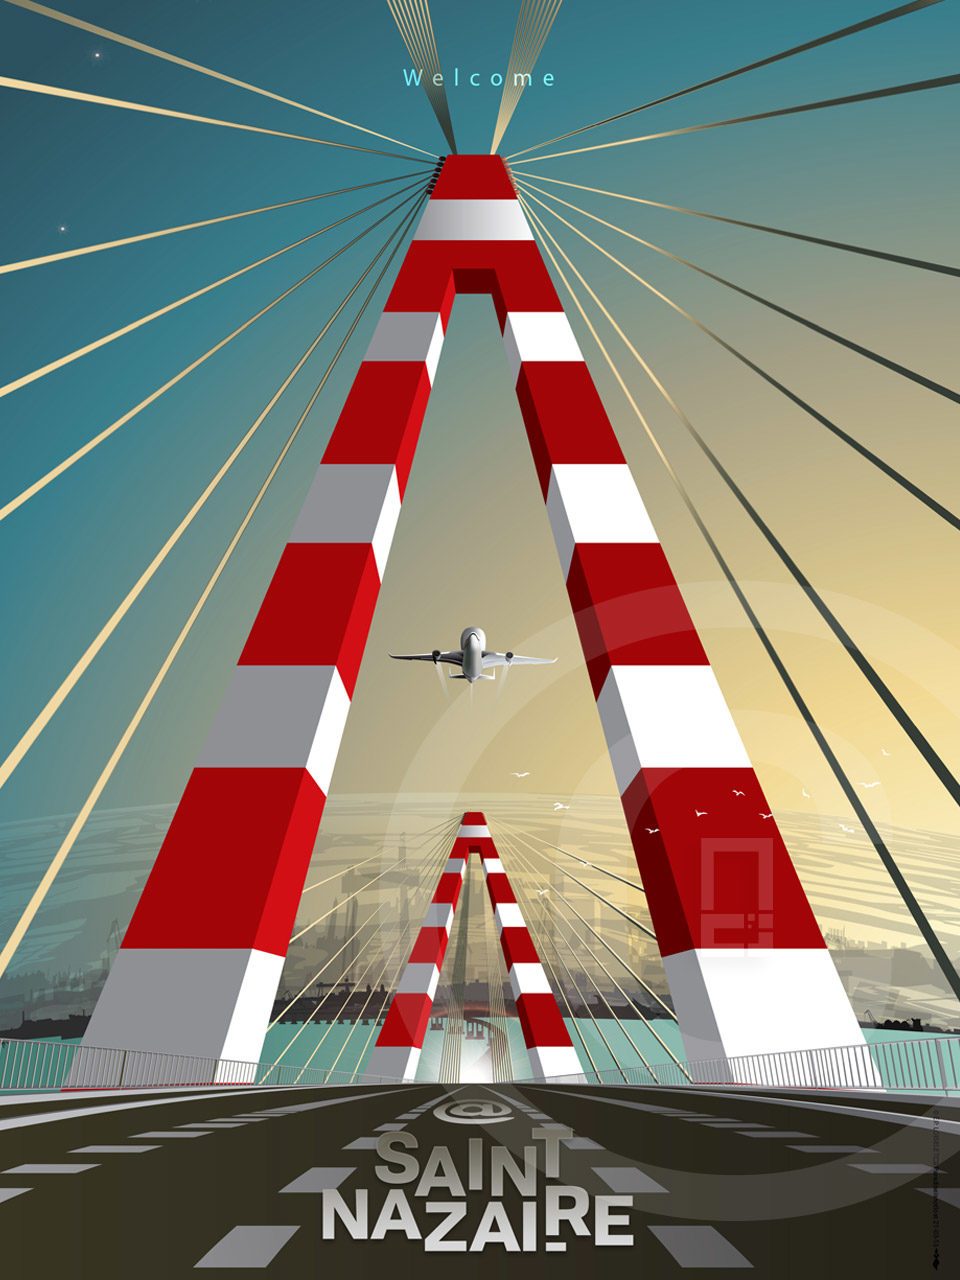 Affiche Pont de Saint-Nazaire édition 21-03-13